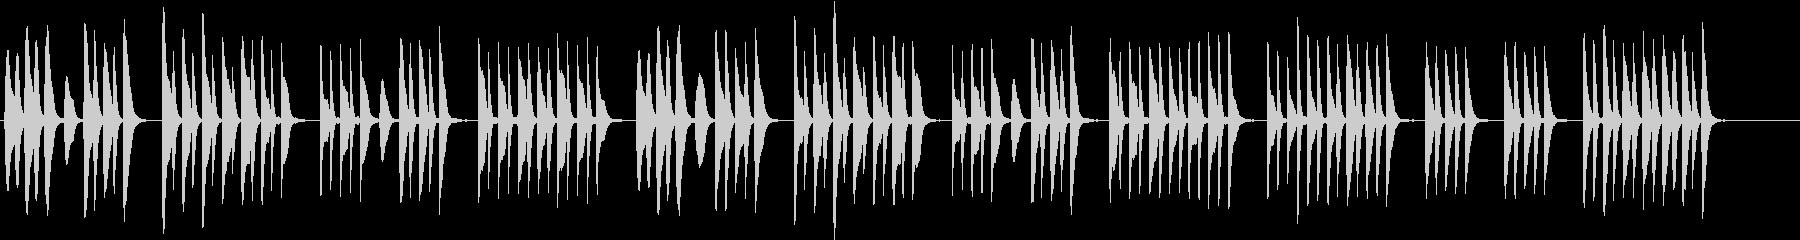 ほのぼのとした場面に使える木琴の曲の未再生の波形